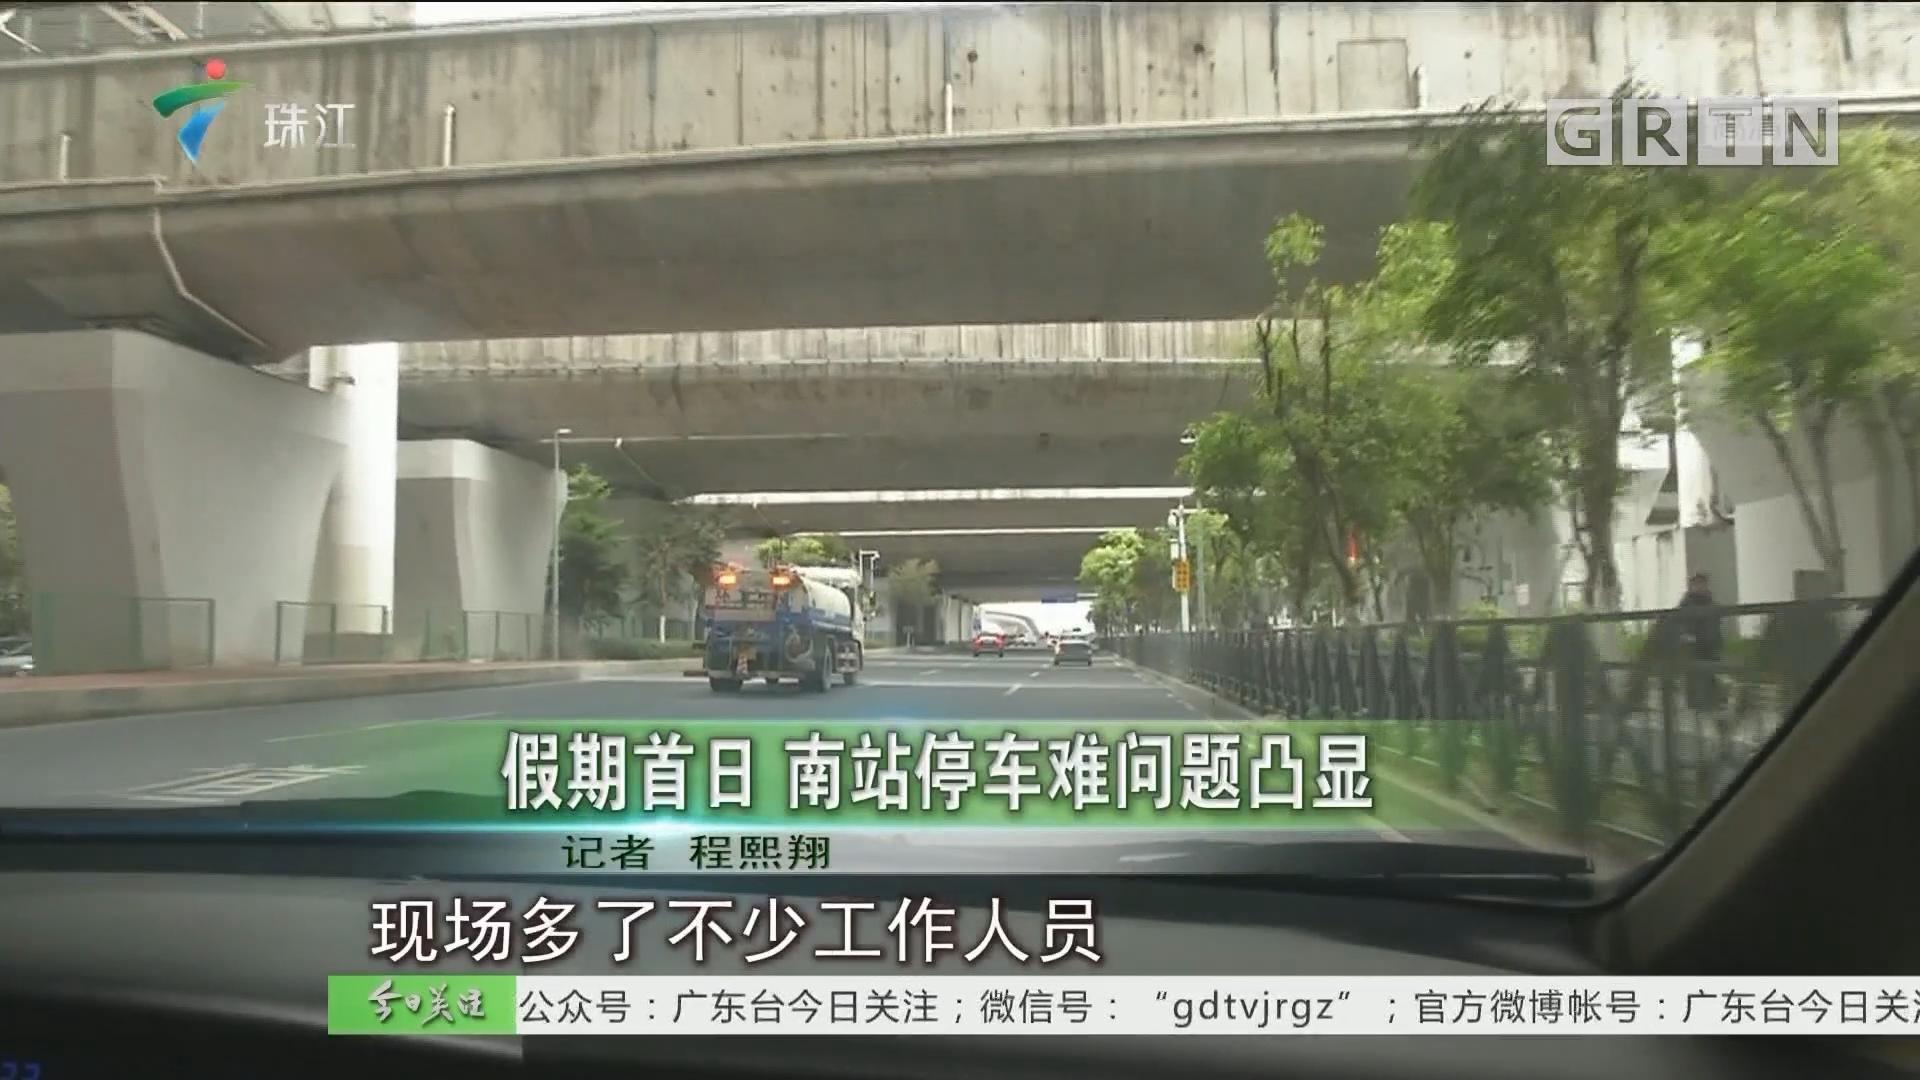 假期首日 南站停车难问题凸显